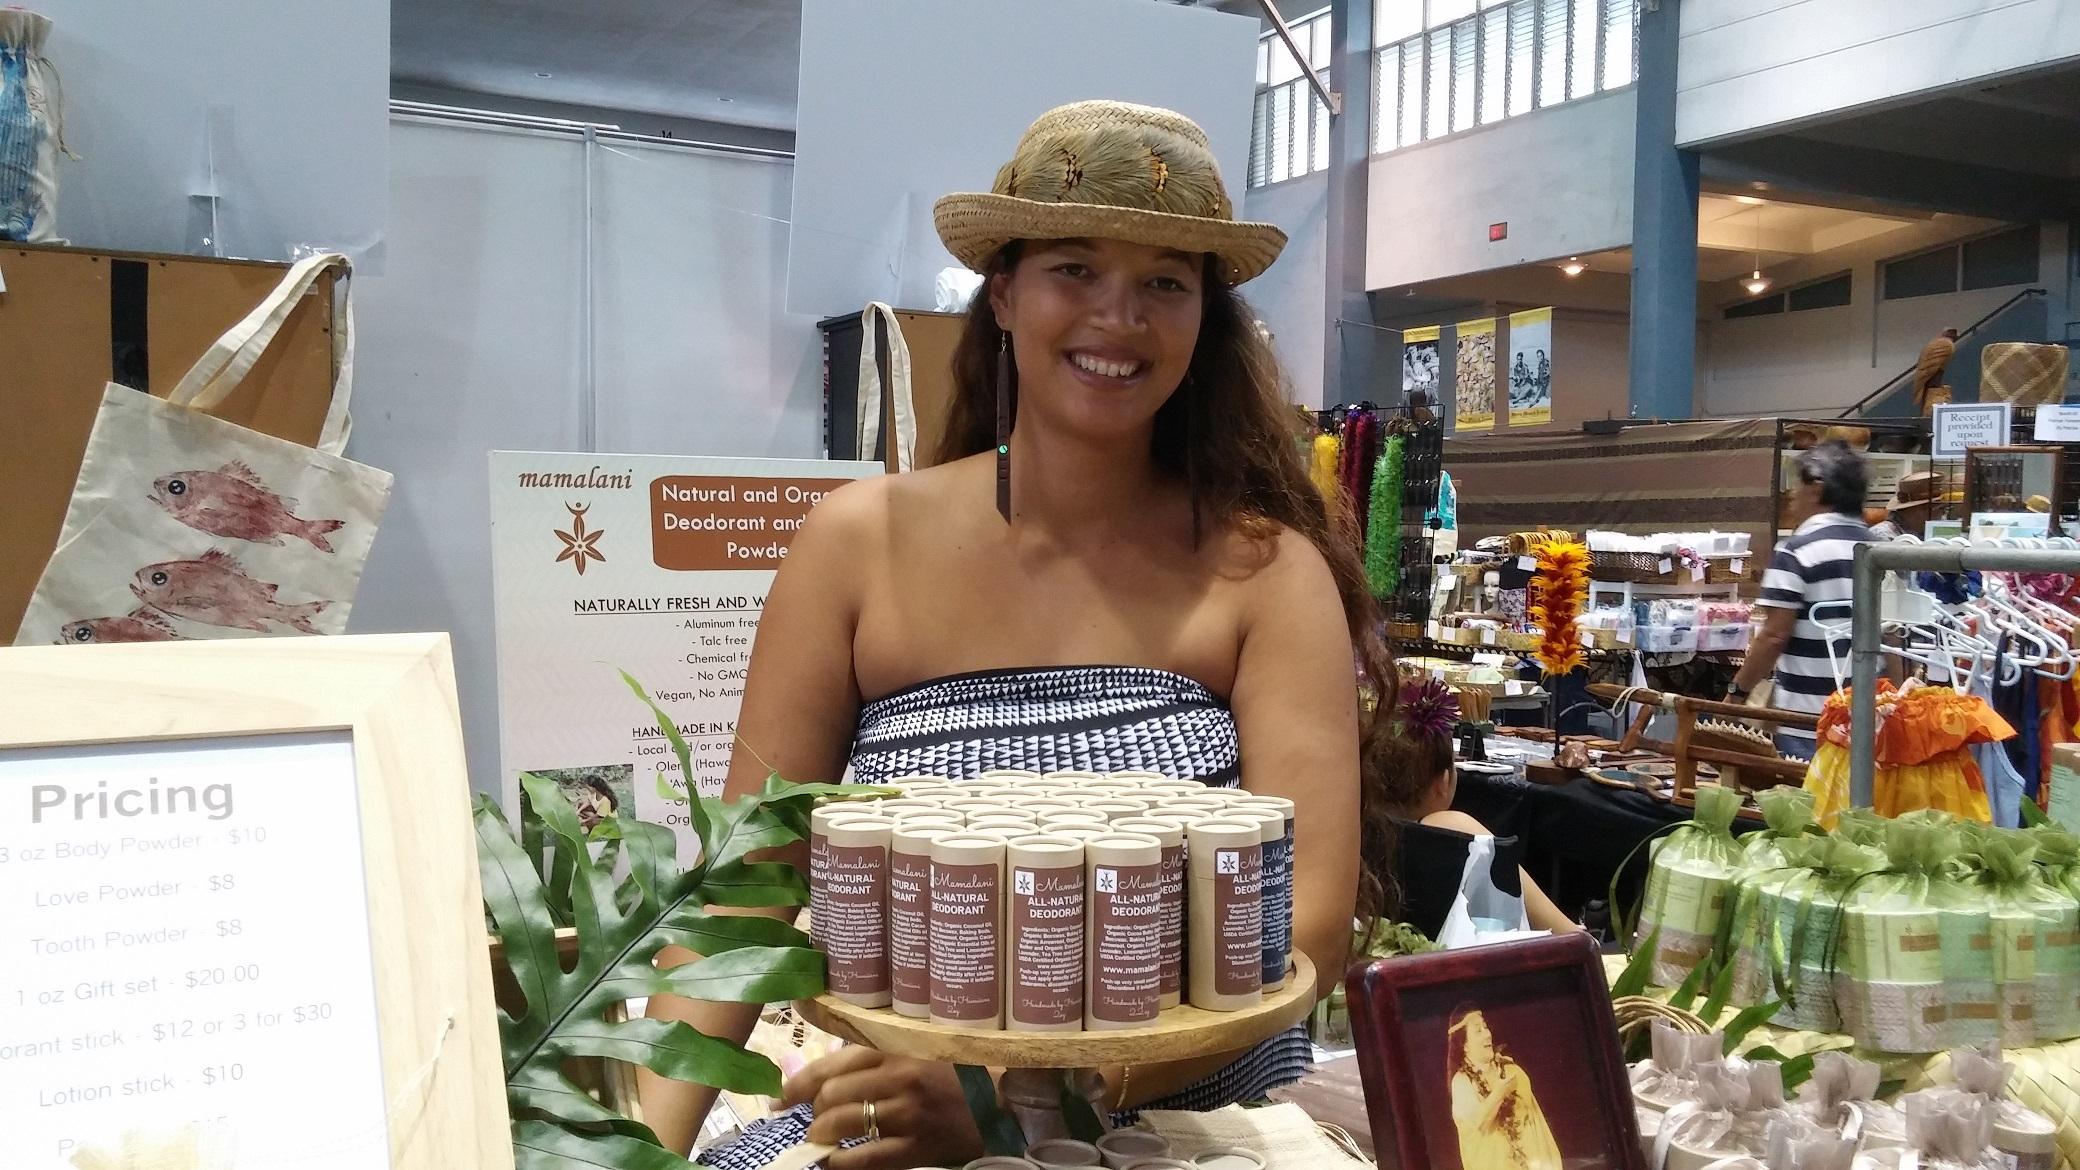 Mamalani Natural Body Products. Photo credit: Marla Walters.